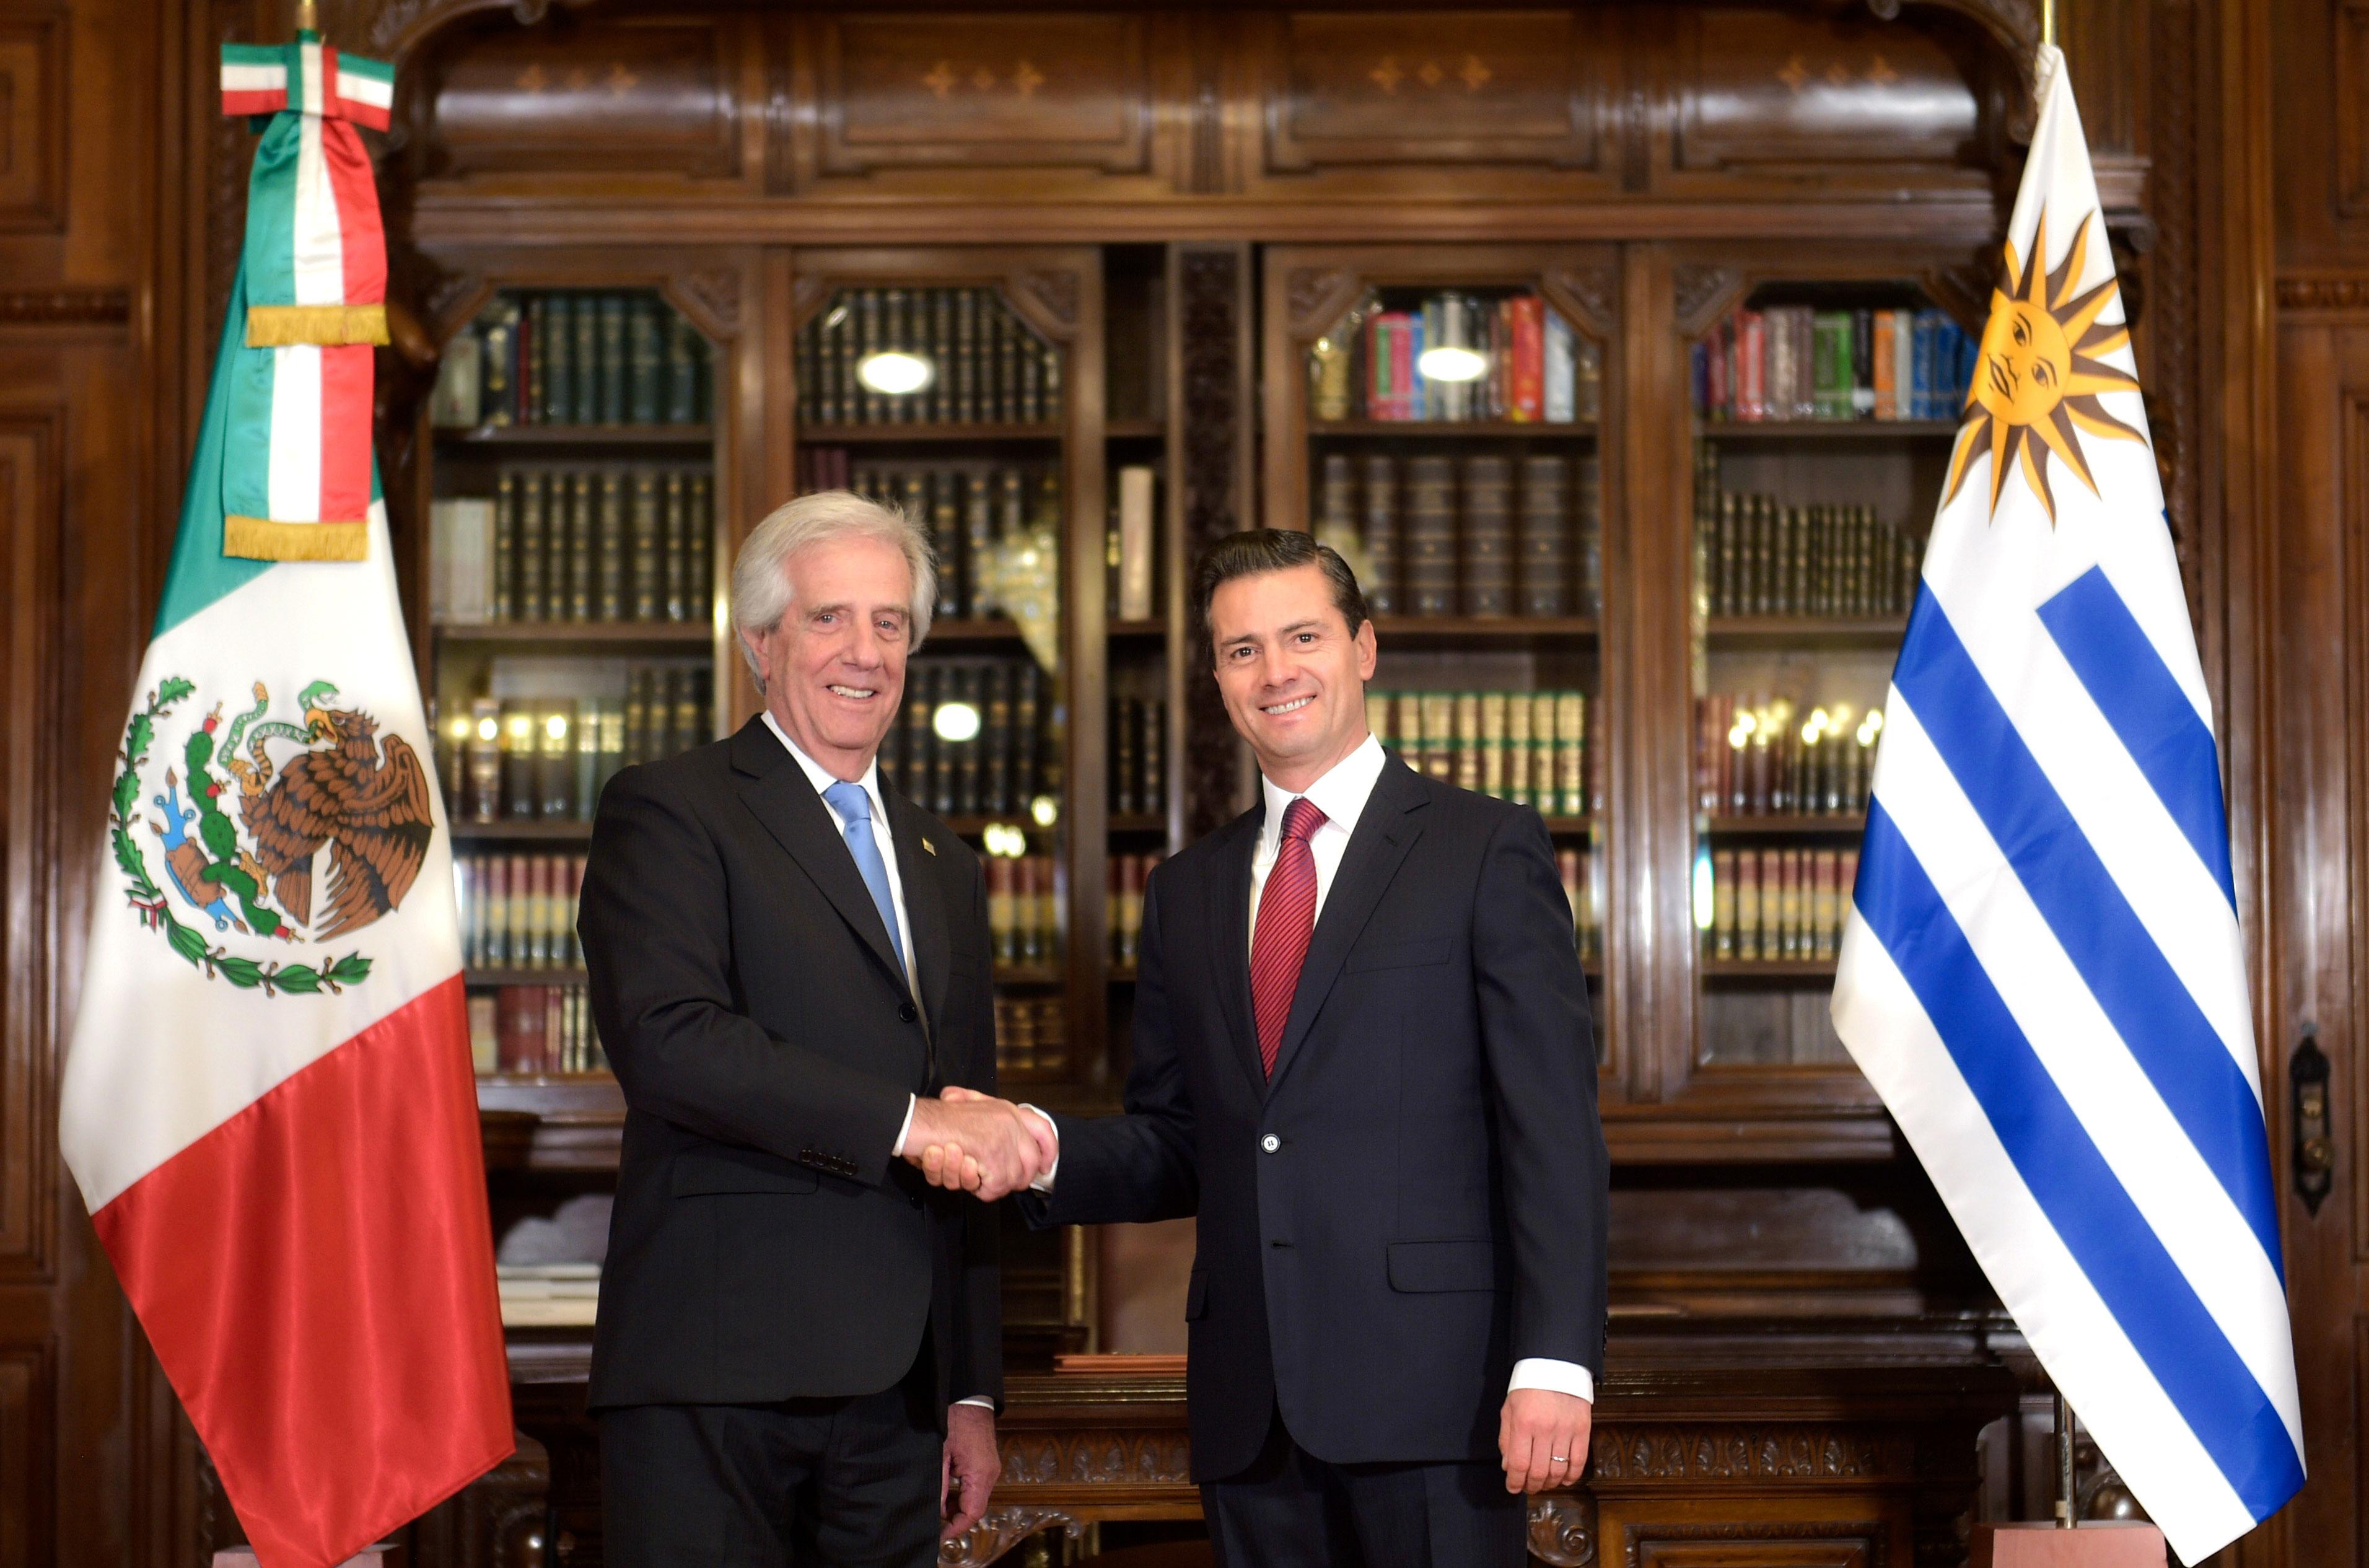 Los resultados de esta visita sentarán las bases para avanzar en el fortalecimiento de las relaciones entre ambos países, con el fin de estrechar aún más los vínculos económicos y de cooperación.